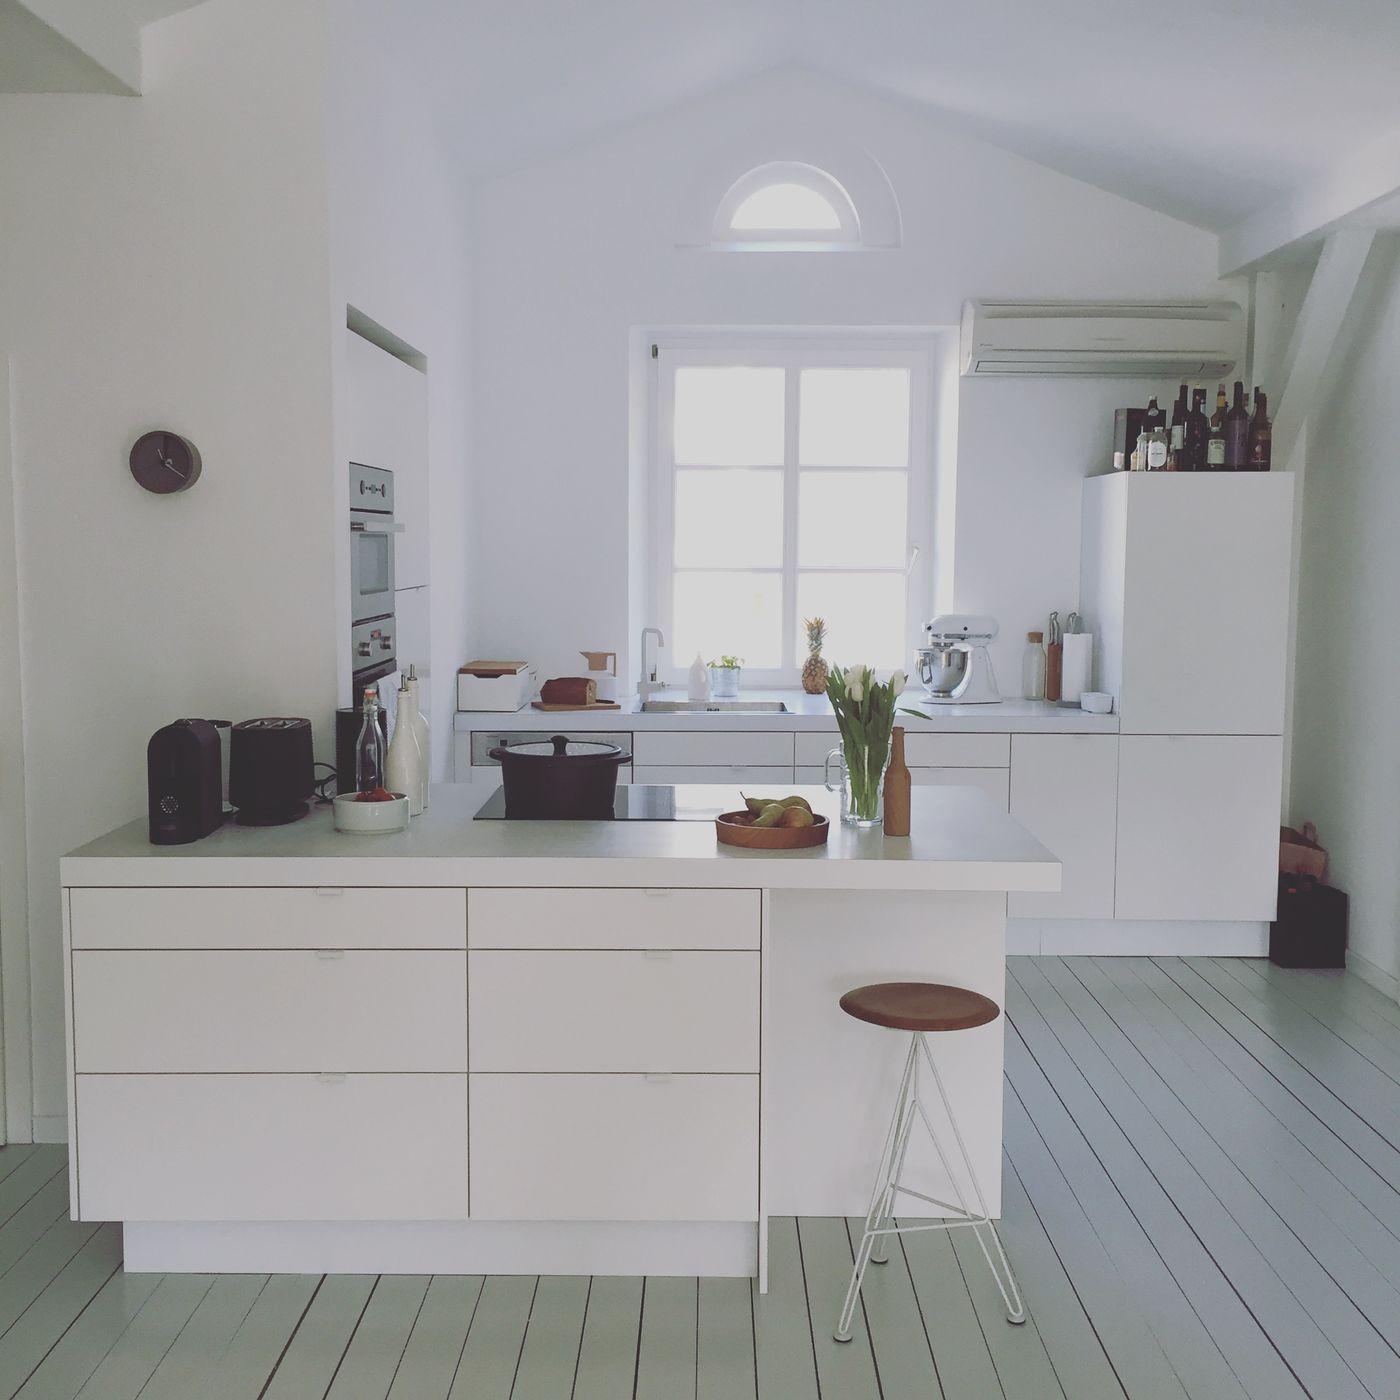 Küche Mit Bar Tresen Theke In Der Küche Holztresen: Kleine Wohnung Offene Küche